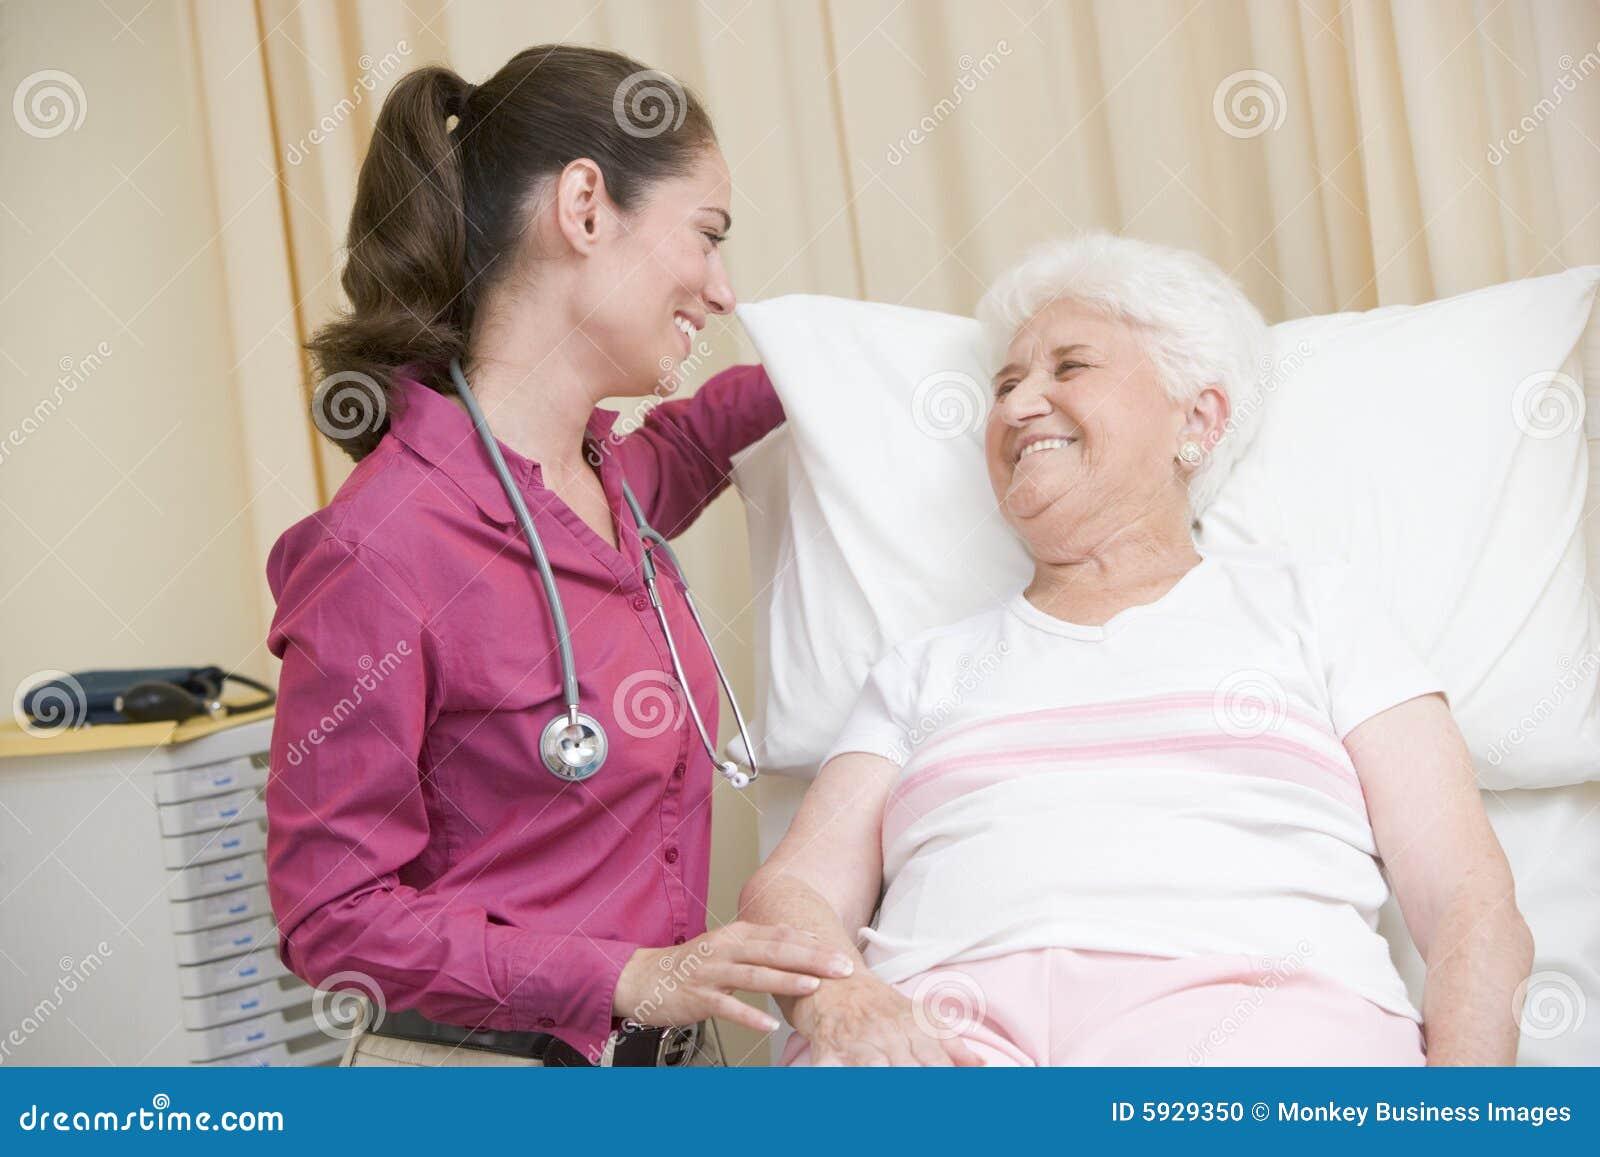 С врачом девушкой 12 фотография